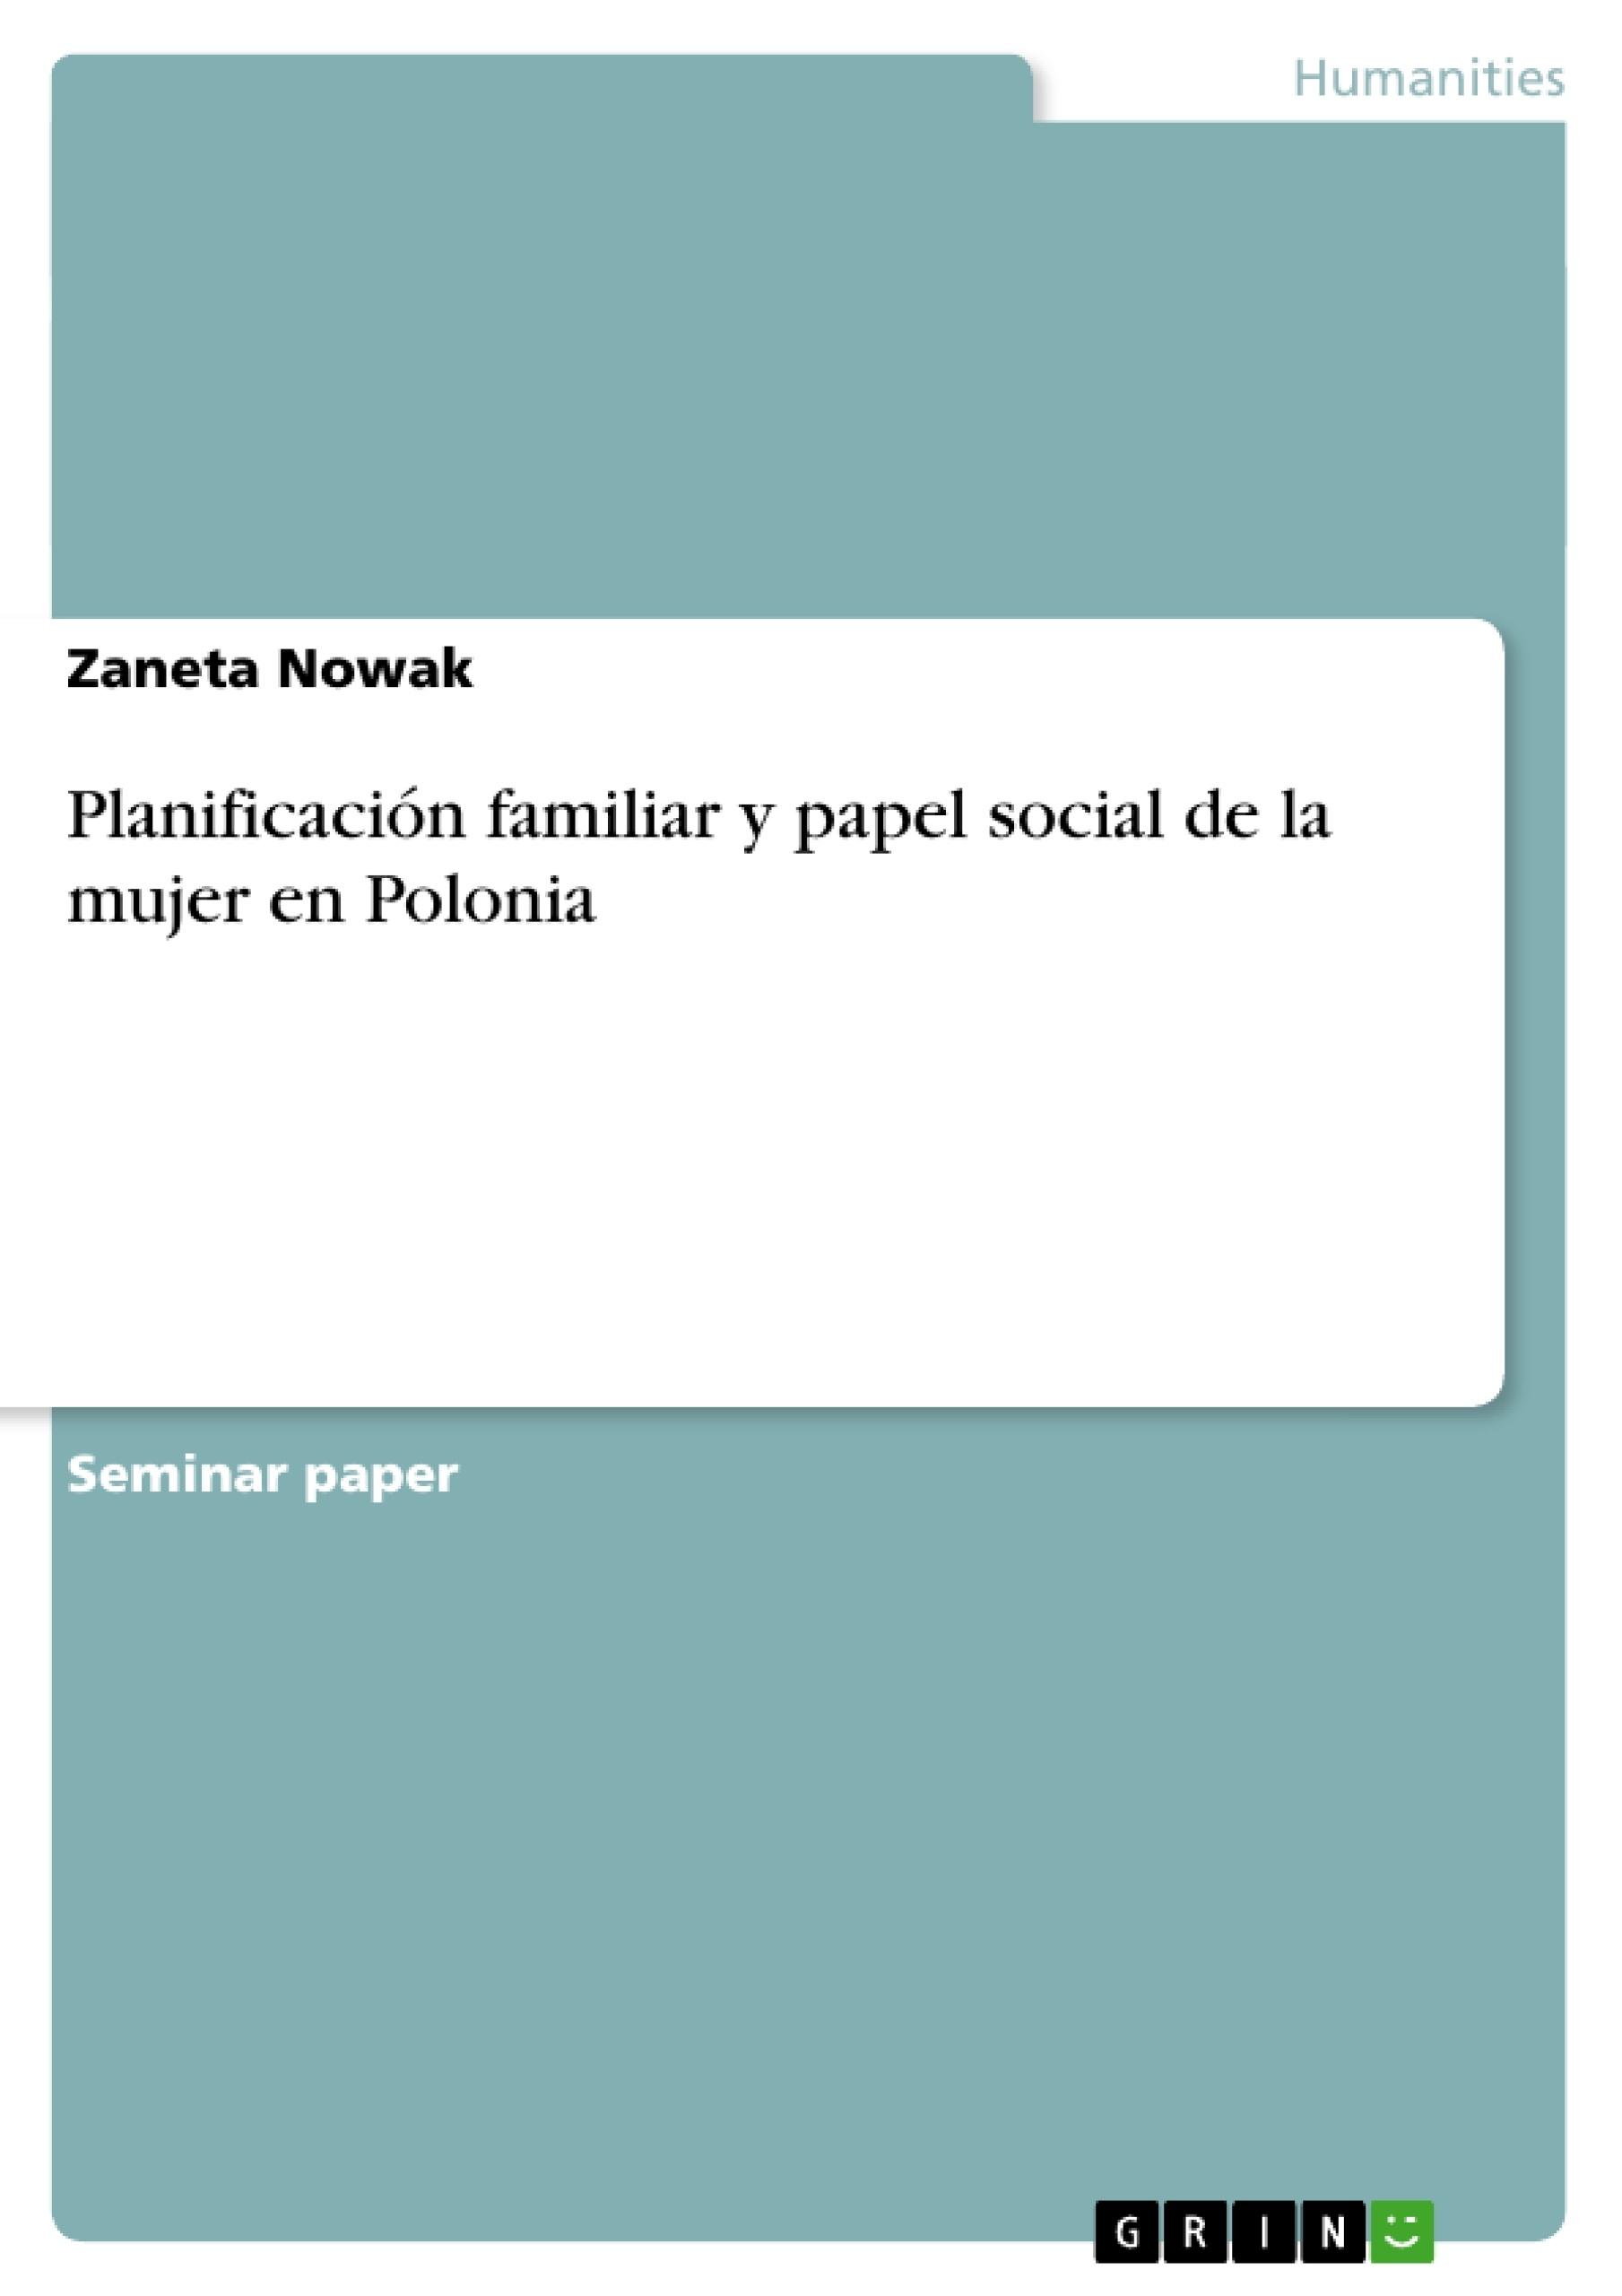 Título: Planificación familiar y papel social de la mujer en Polonia